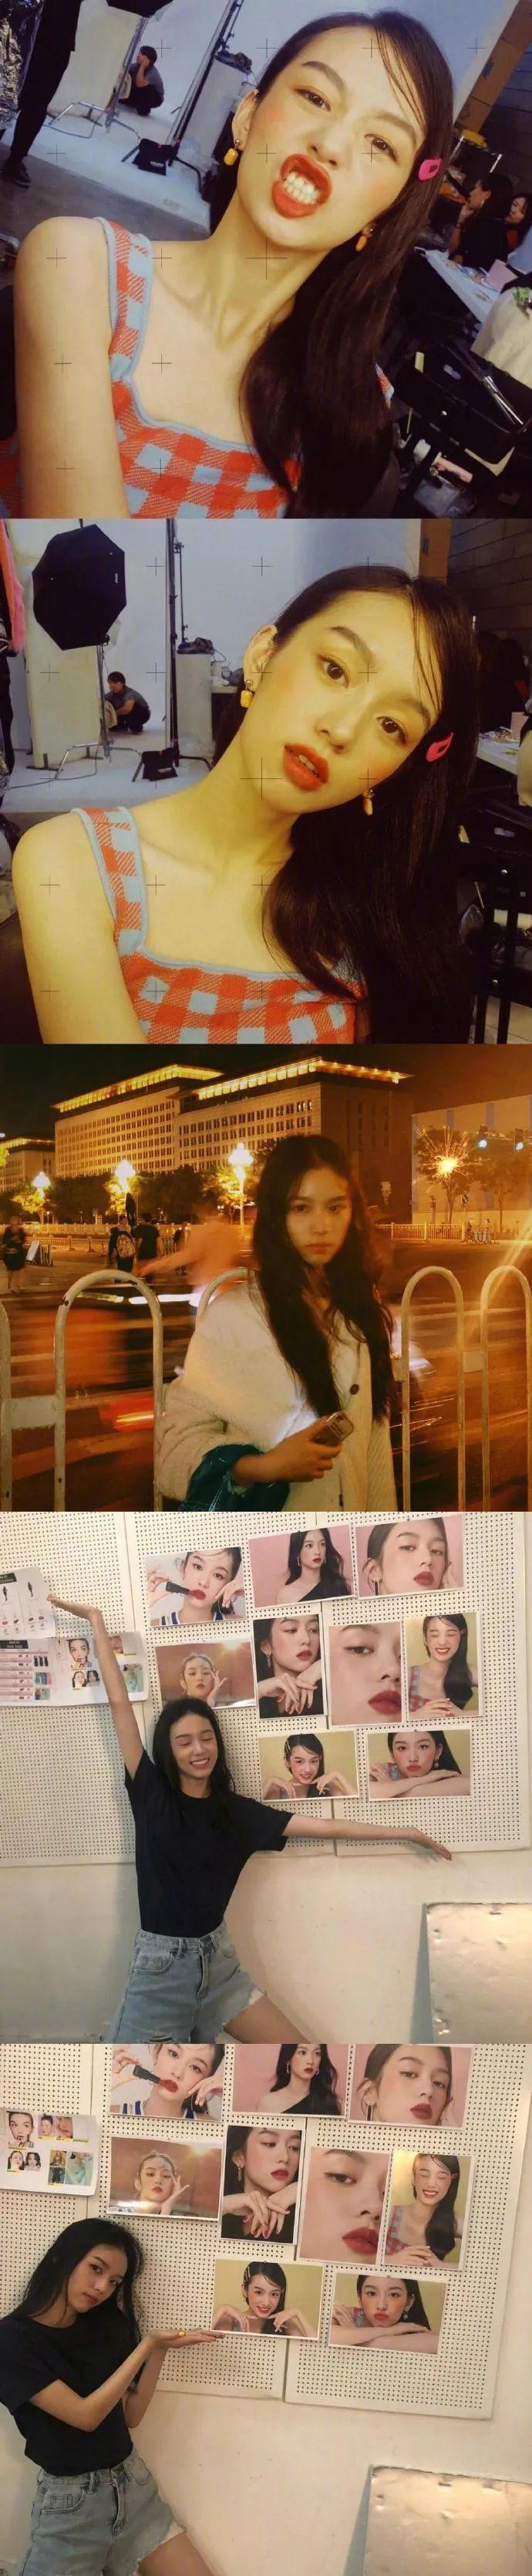 妹子写真 – 理想型的学姐学妹:周也、陈都灵小姐姐_图片 No.17